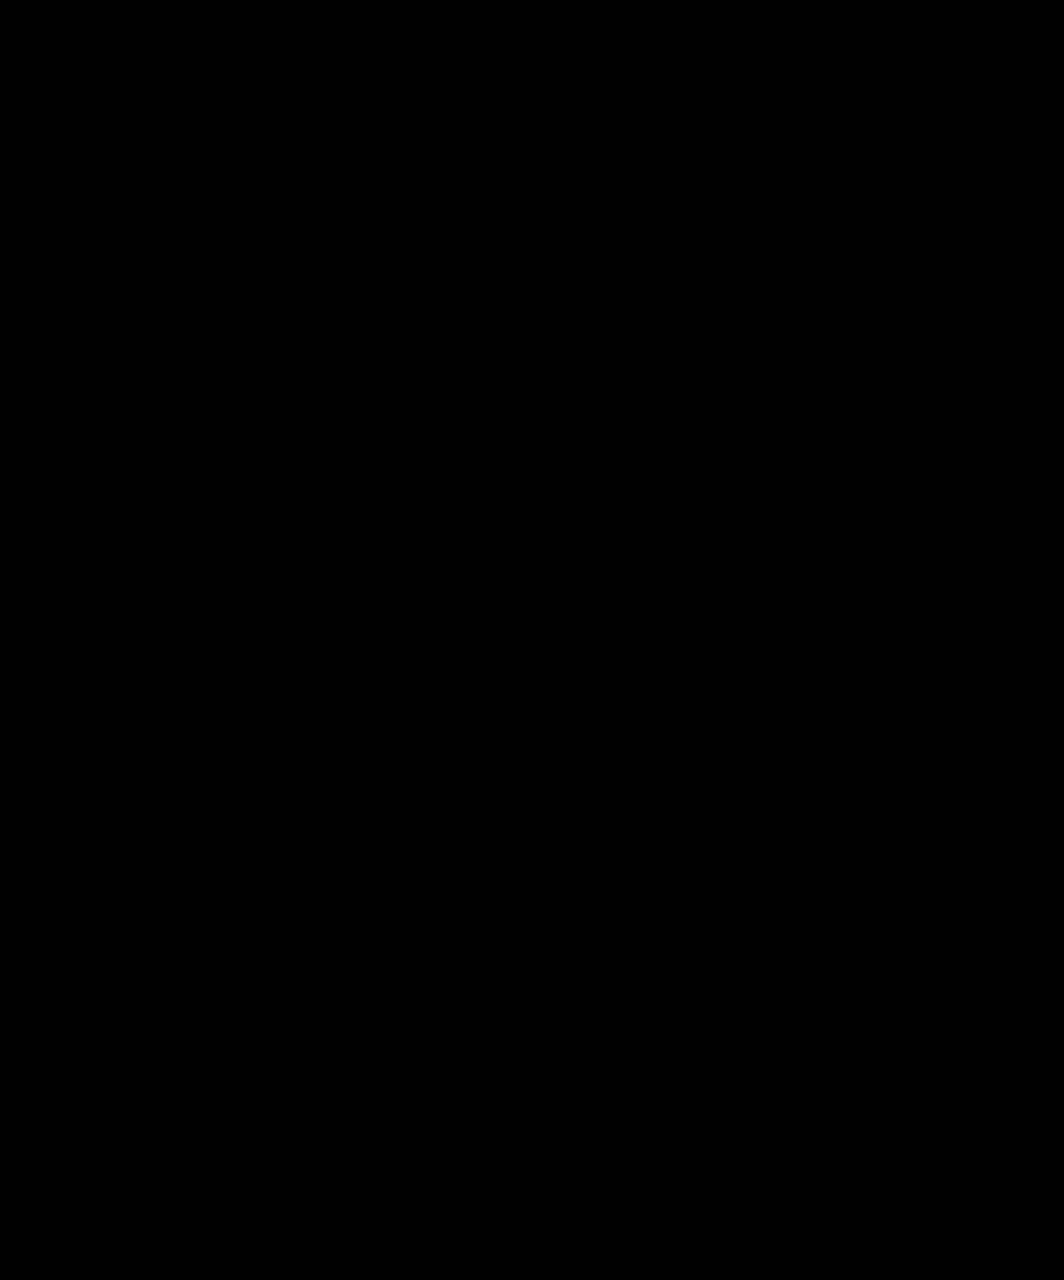 Kuchyňská baterie Schock Napos Chrom nízkotlaká s výsuvnou koncovkou 539123